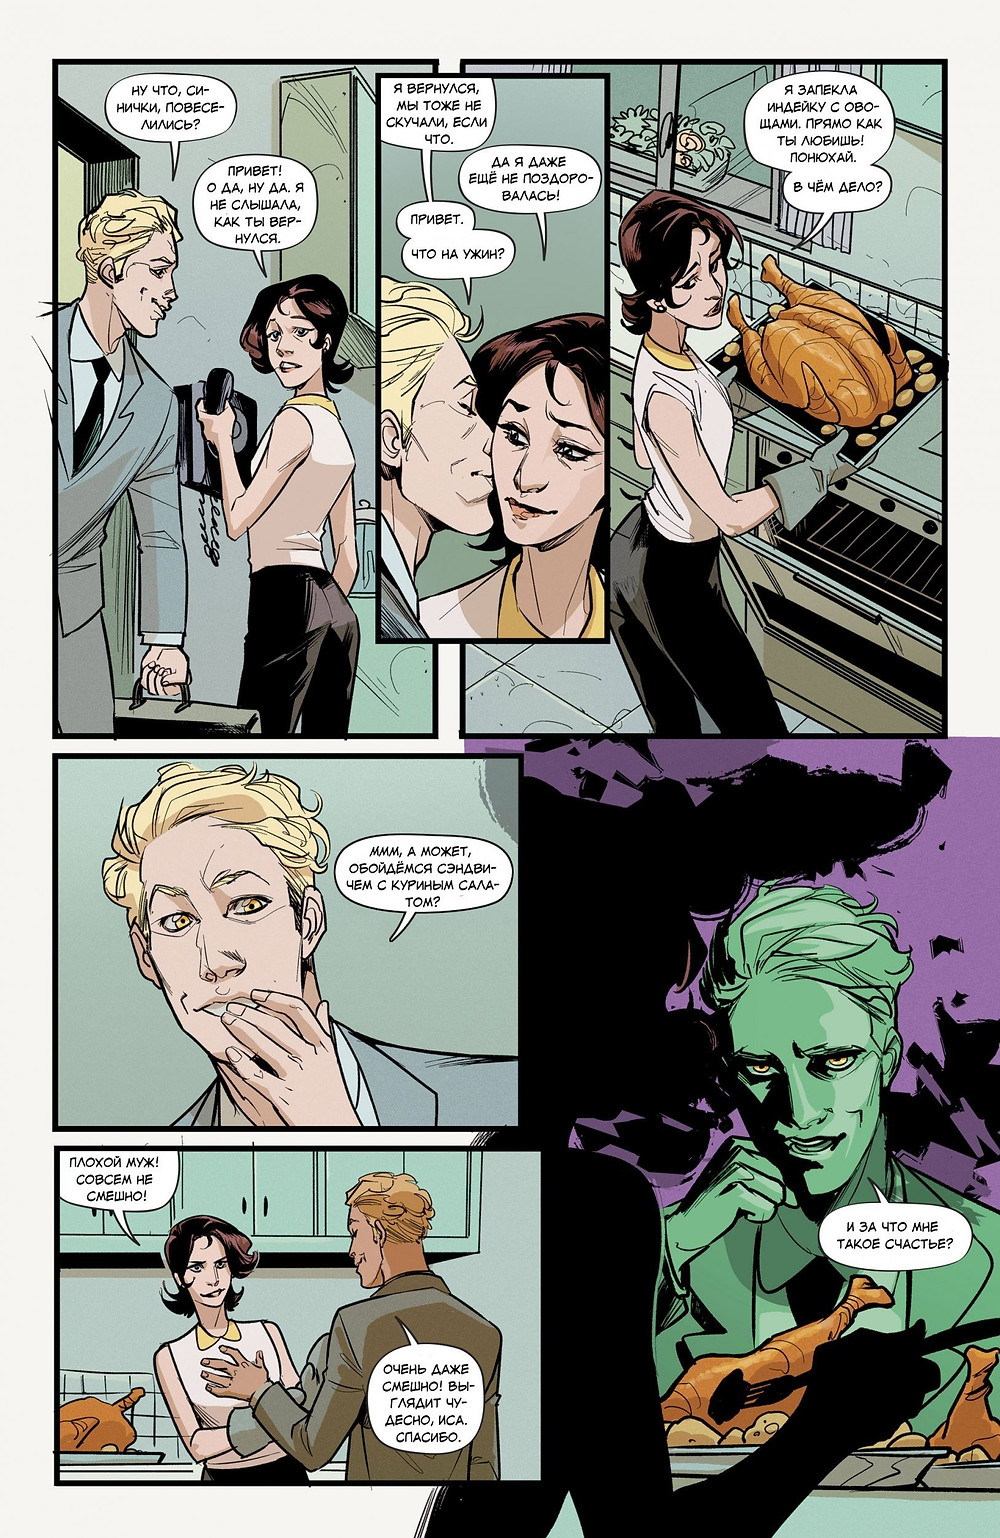 """Фантастический комикс о семейных отношениях """"Моя жена ведьма"""" Hex Wives. Часть 2. Страница 17"""